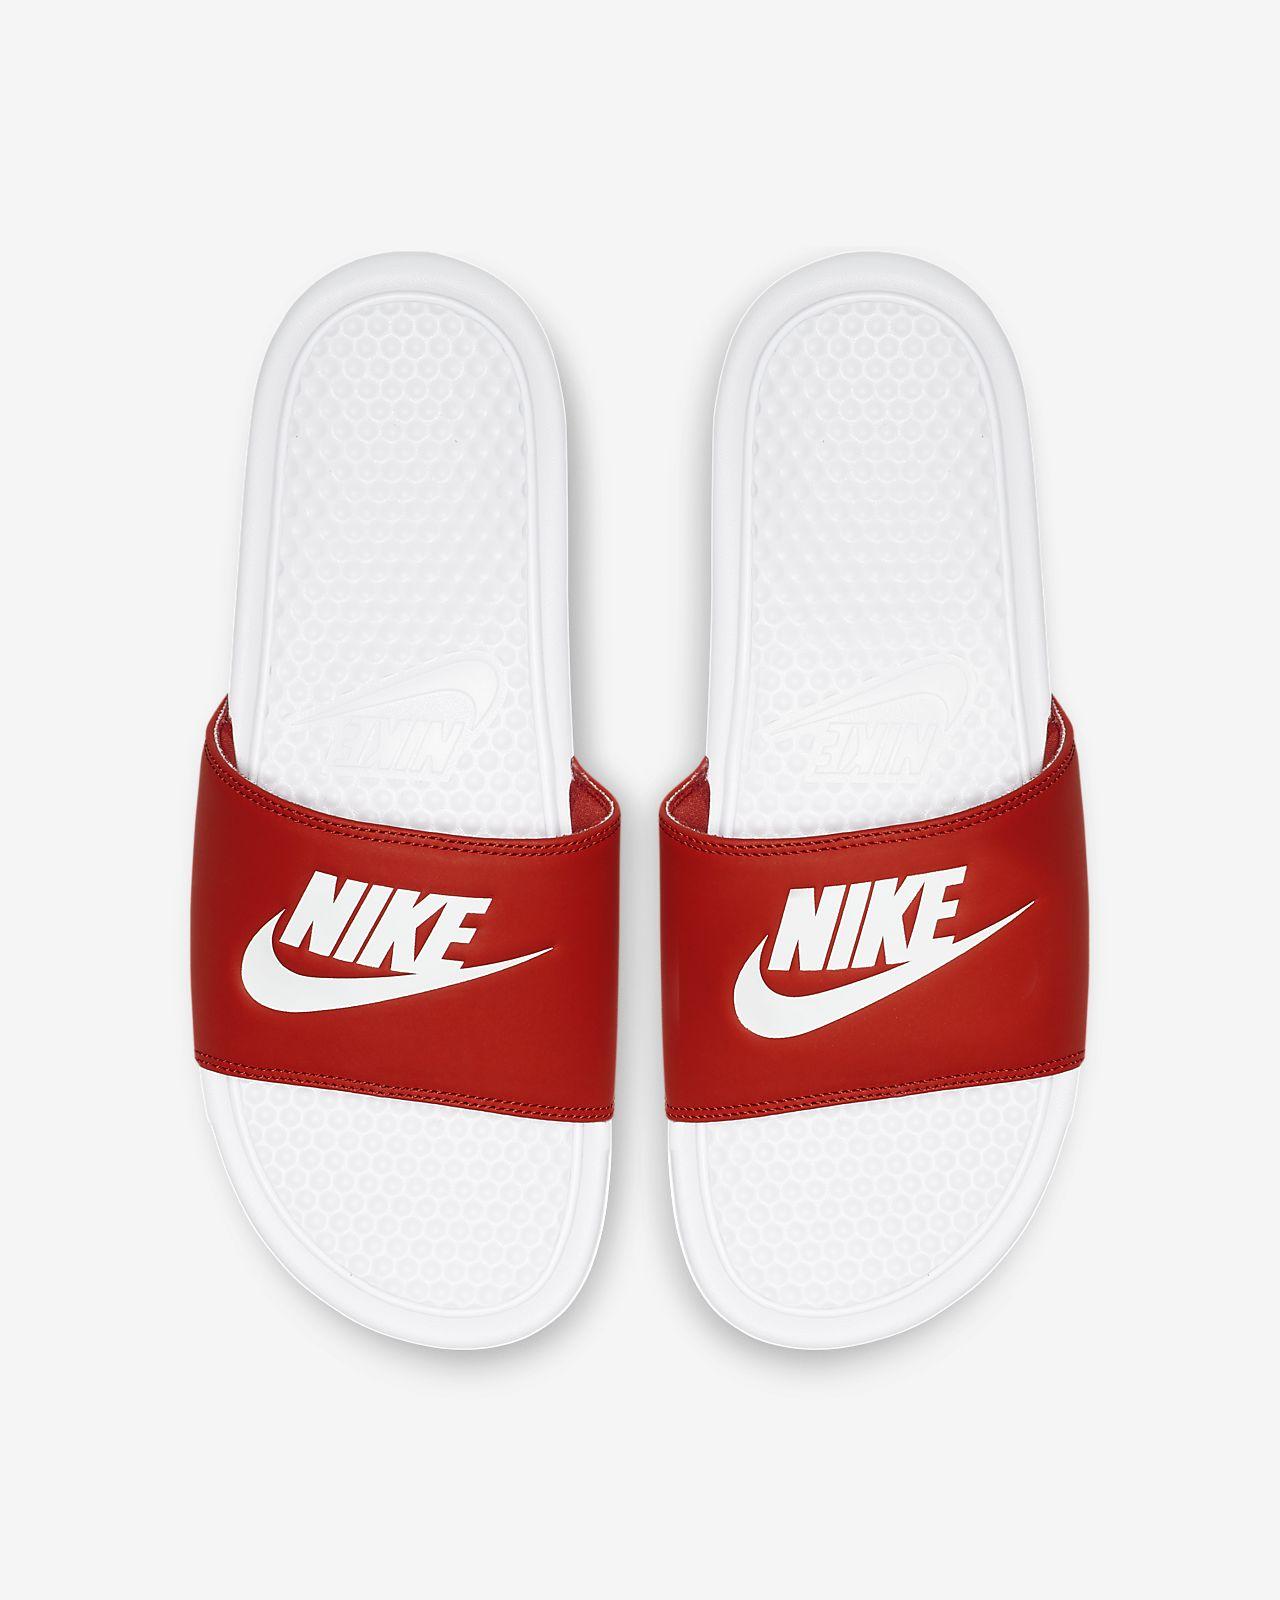 wholesale dealer 3217c 6ca66 Low Resolution Claquette Nike Benassi Claquette Nike Benassi